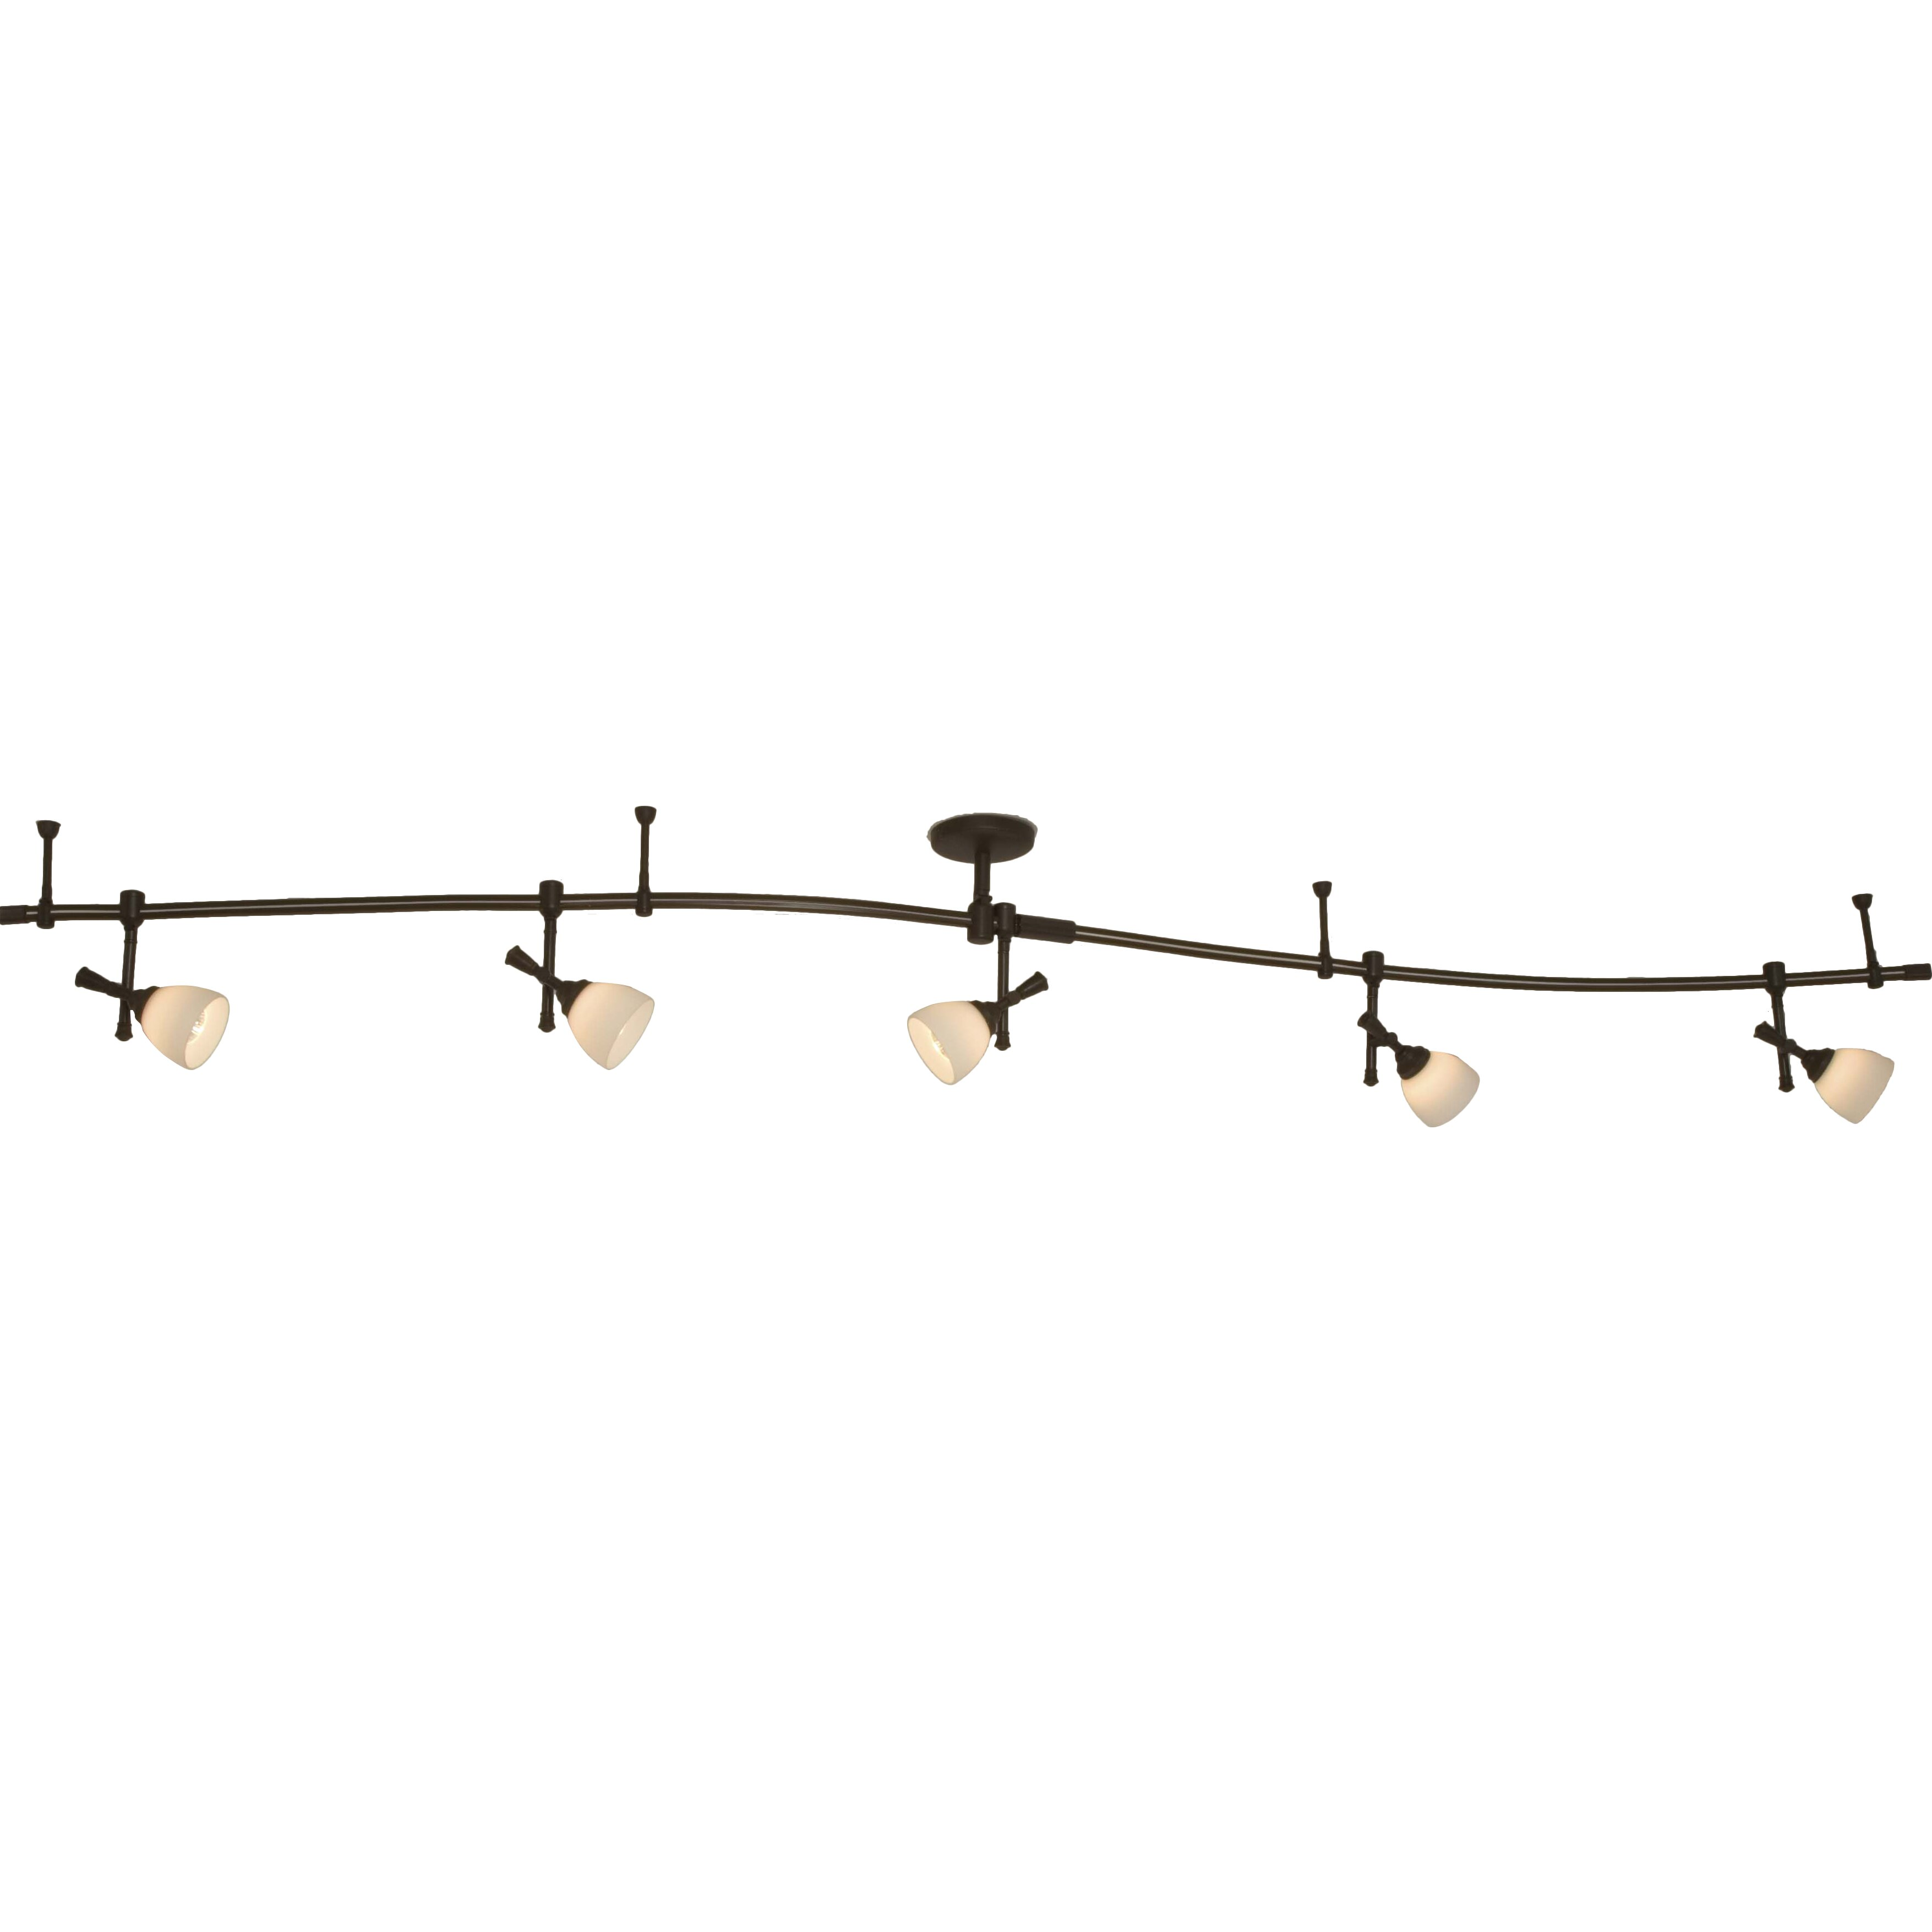 Minka Lavery 5 Light Full Track Lighting Kit & Reviews   Wayfair